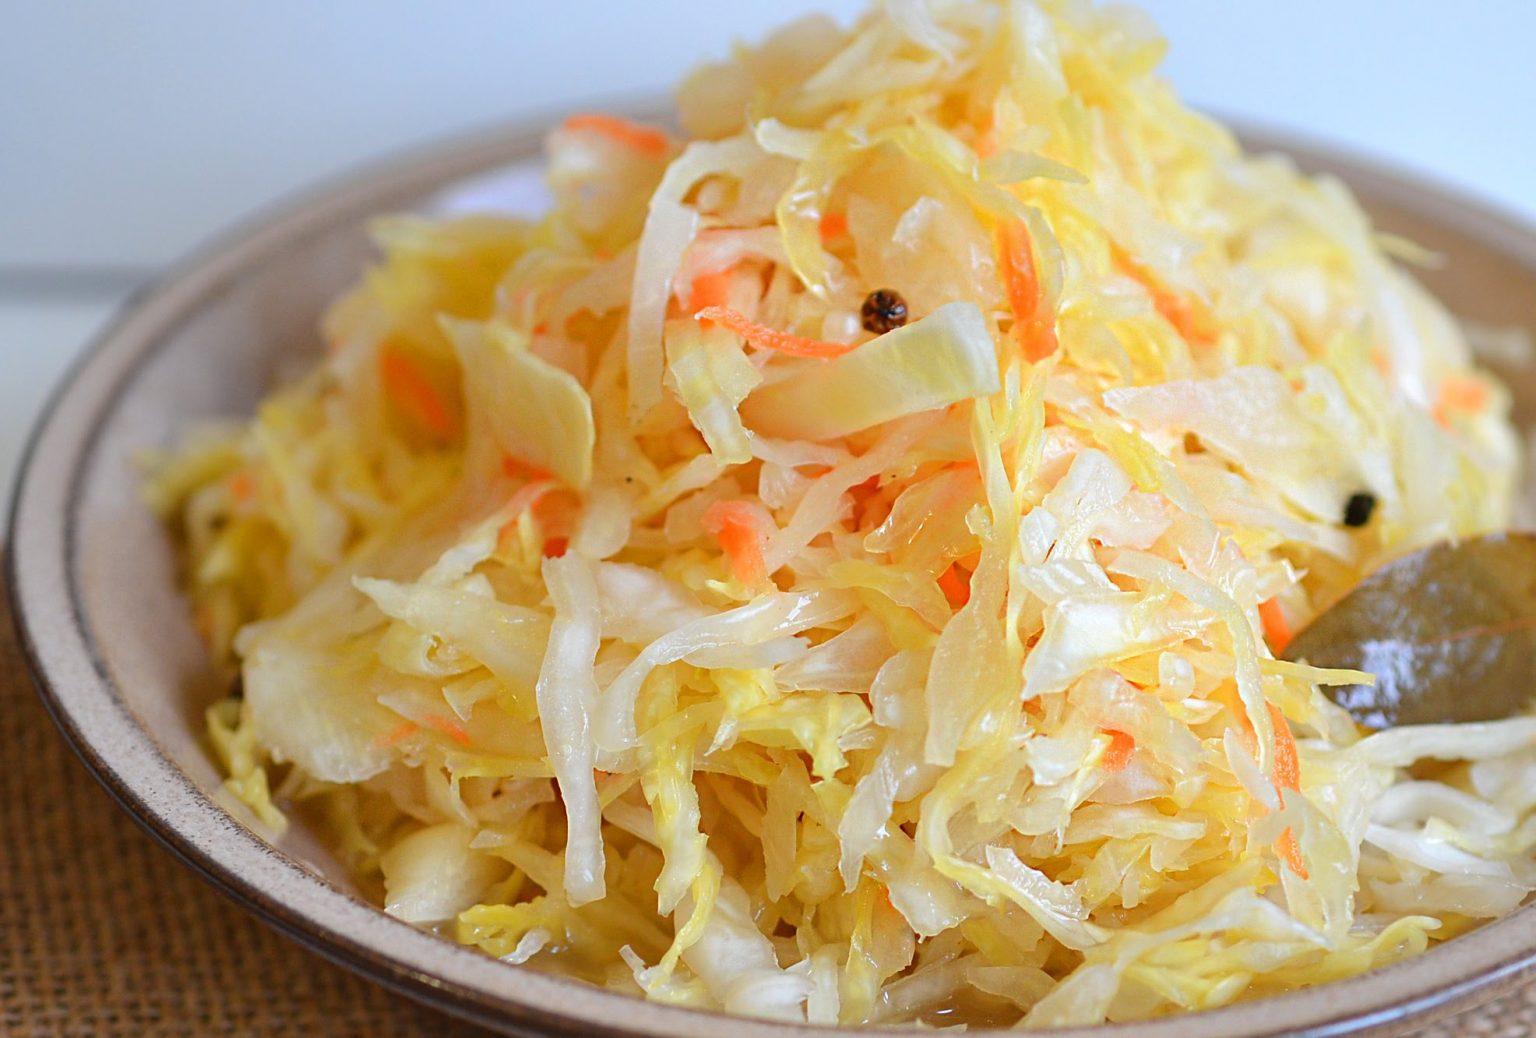 Диета И Маринованная Капуста. В чем польза капусты для похудения и какую капусту можно есть на диете?